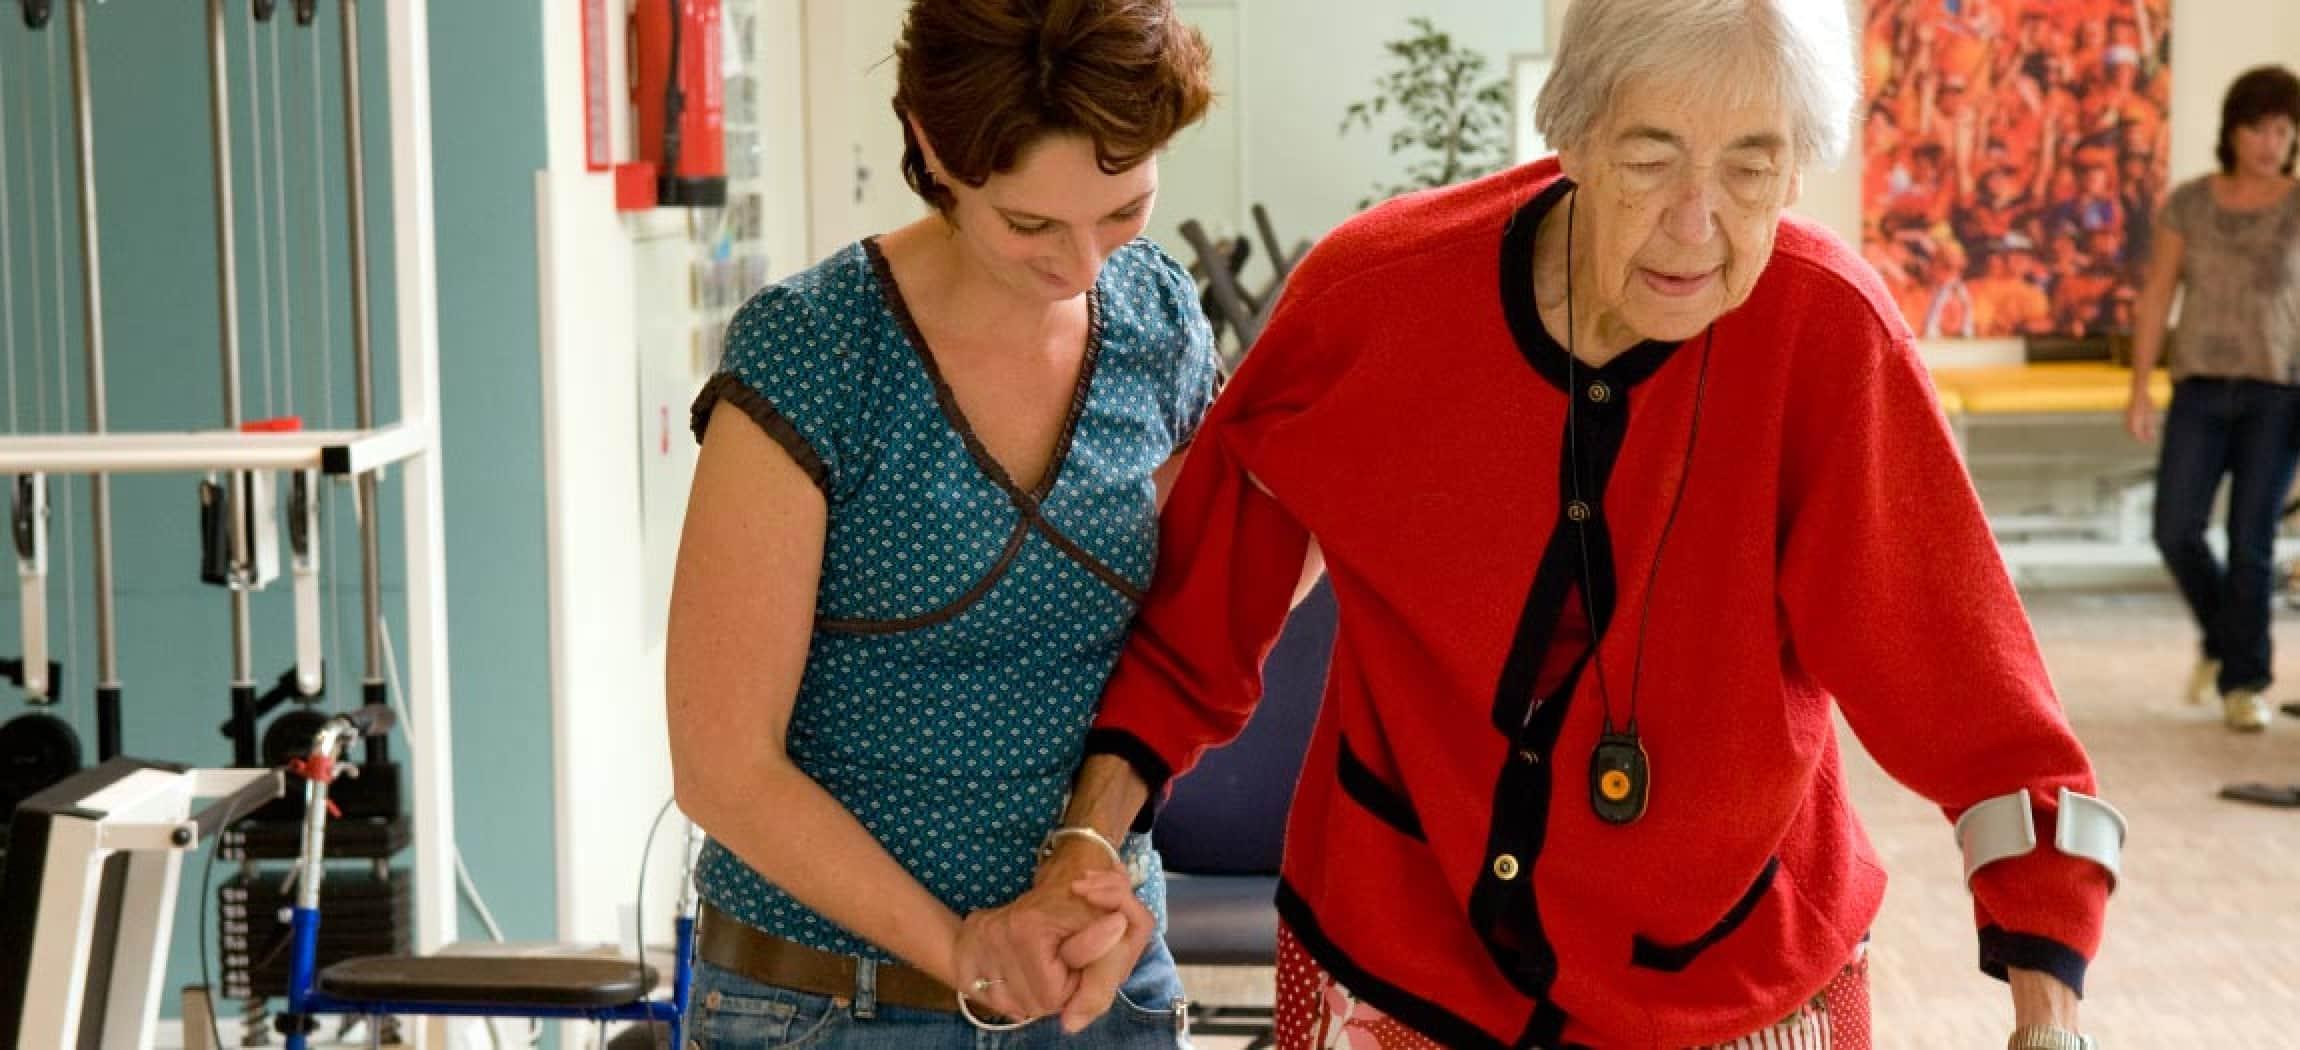 Afbeelding van Revalidatie voor ouderen